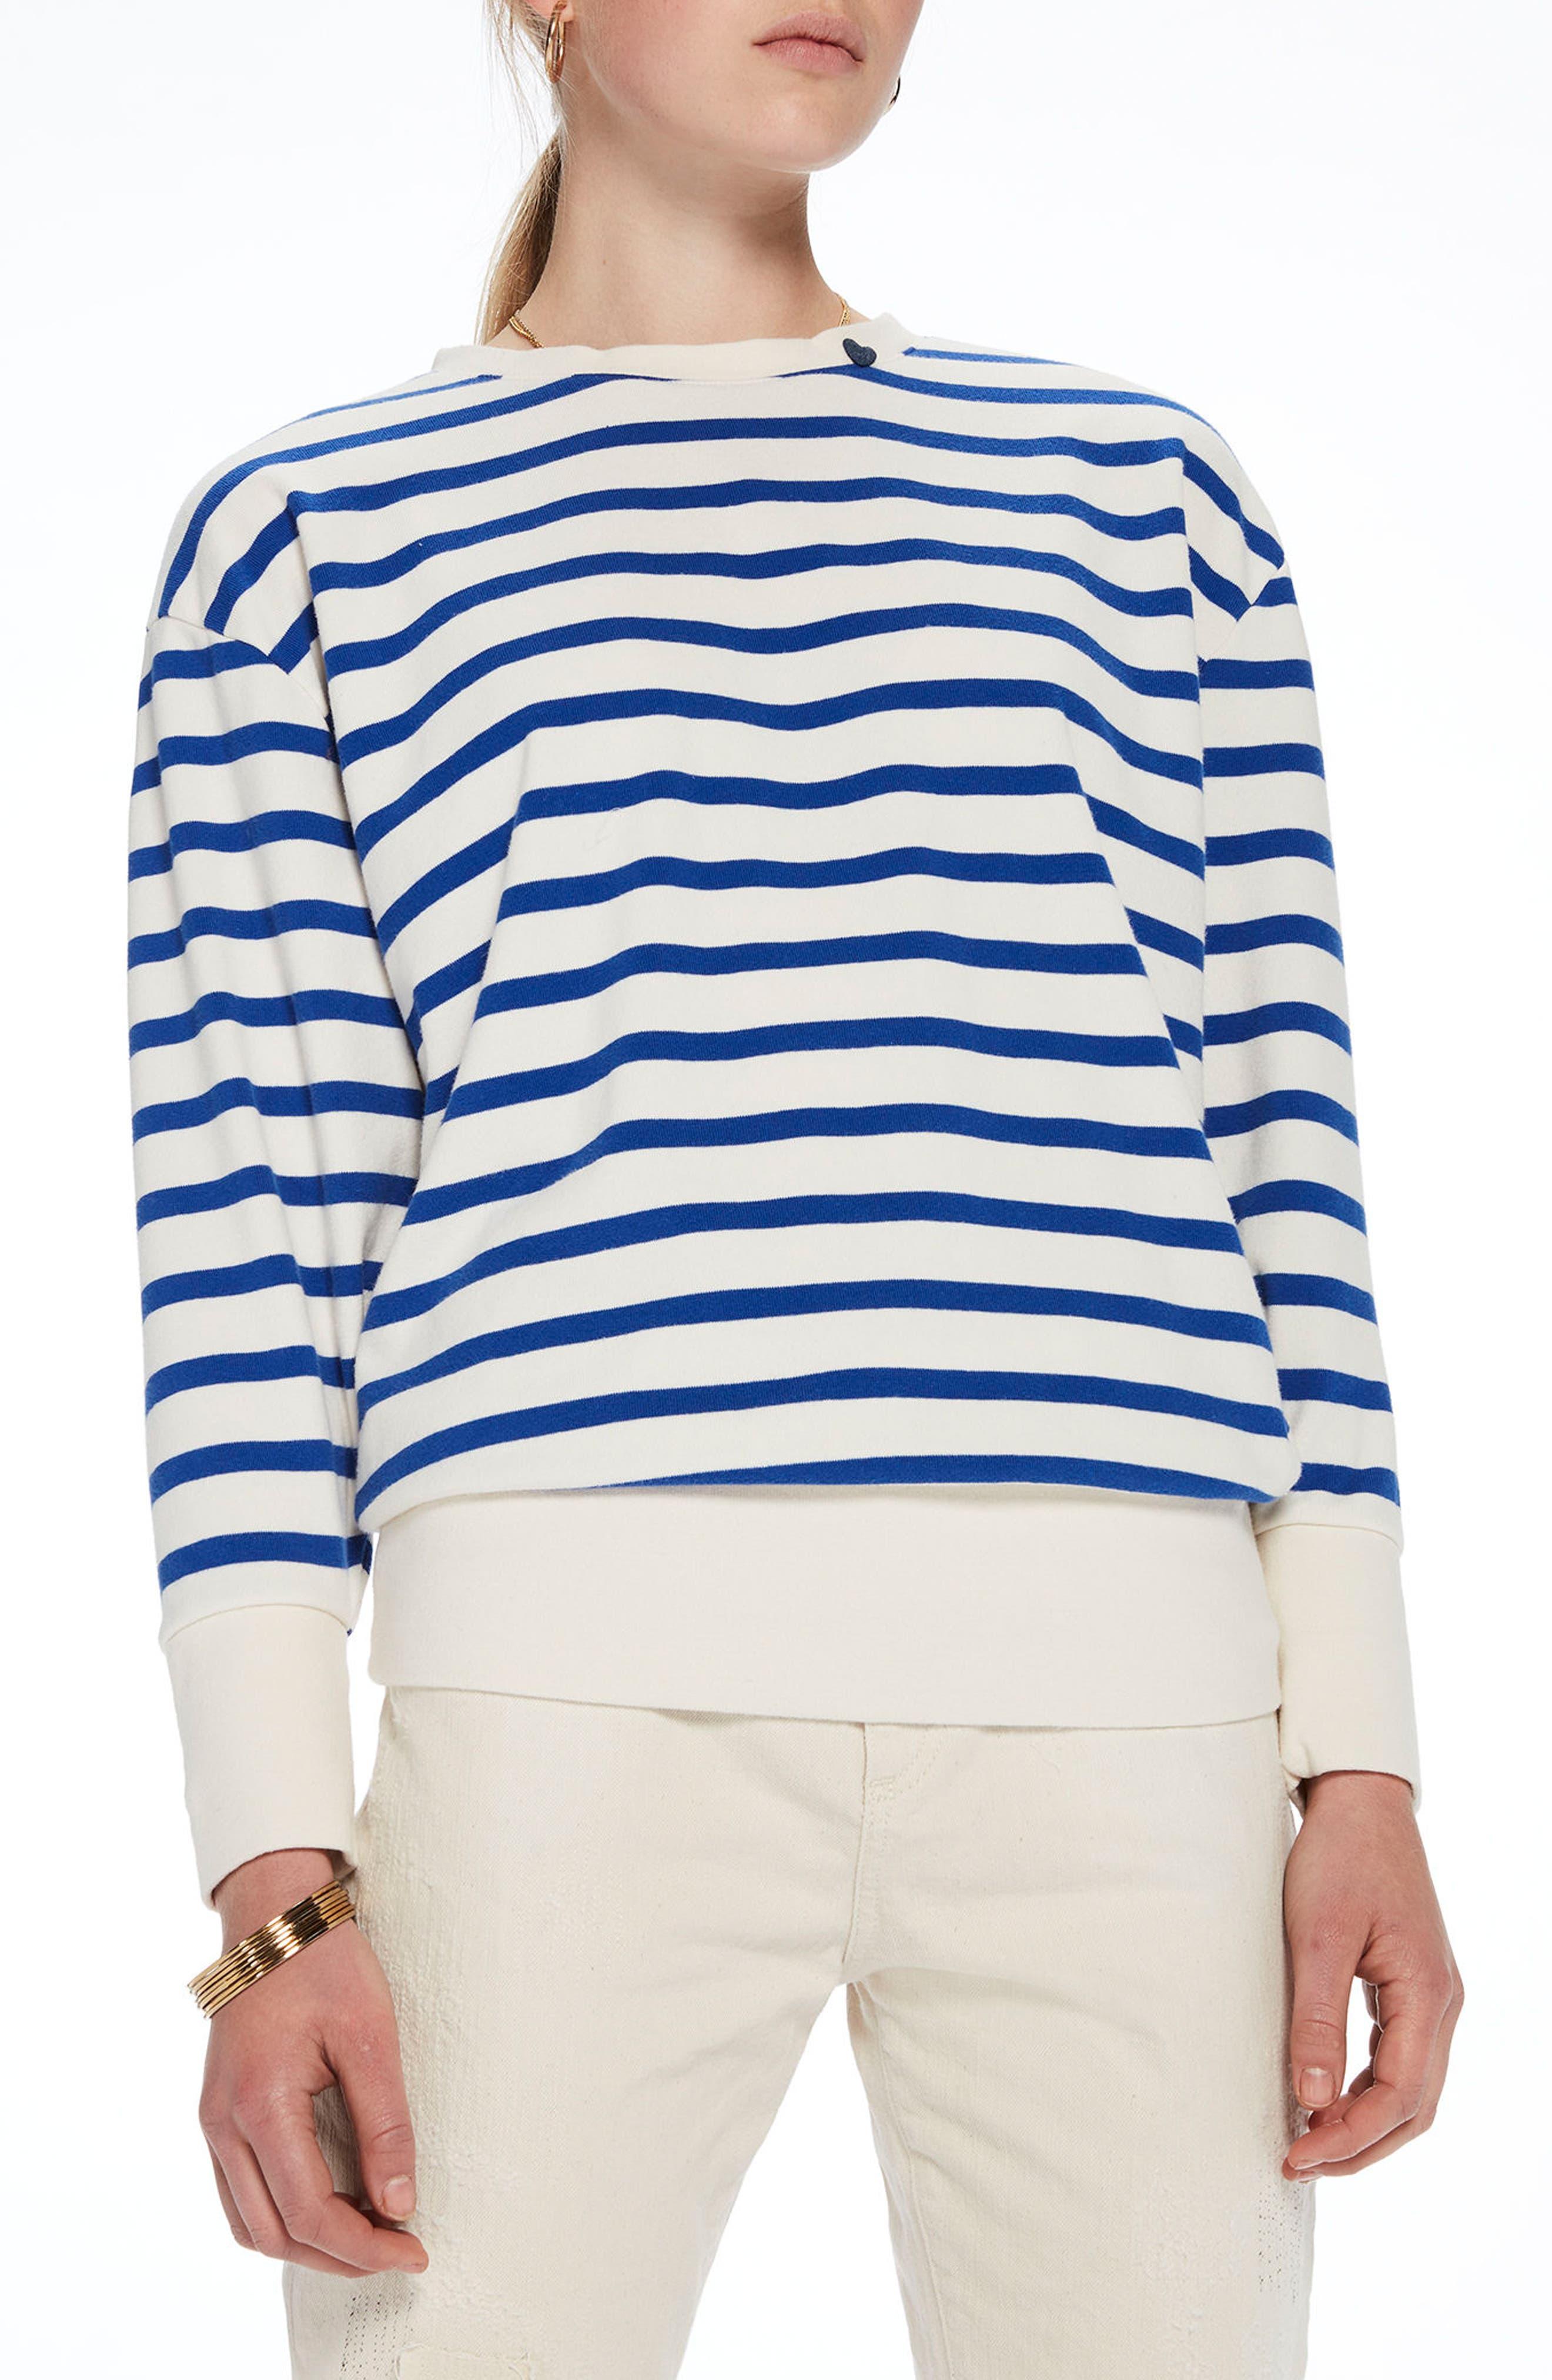 Scotch & Soda Laced Back Sweatshirt, Blue